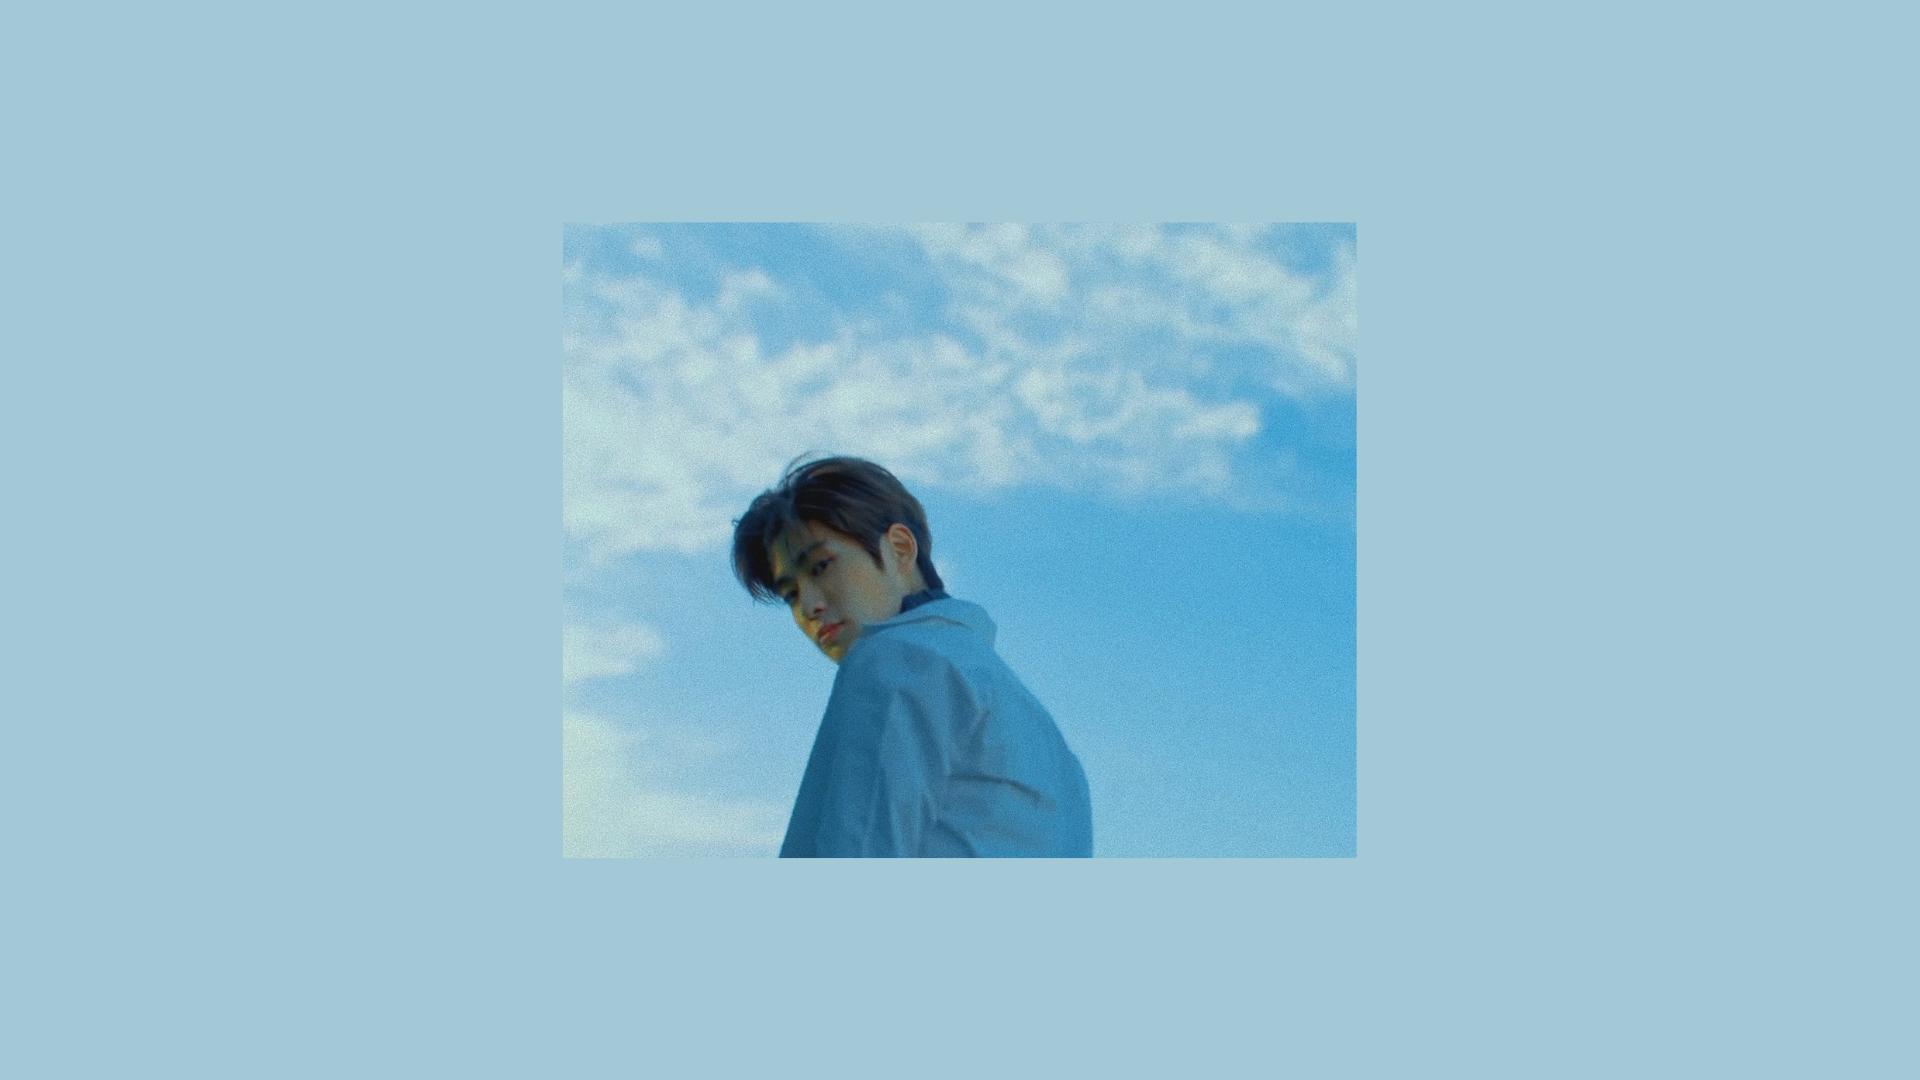 Jaehyun, Wallpaper, Desktop wallpaper